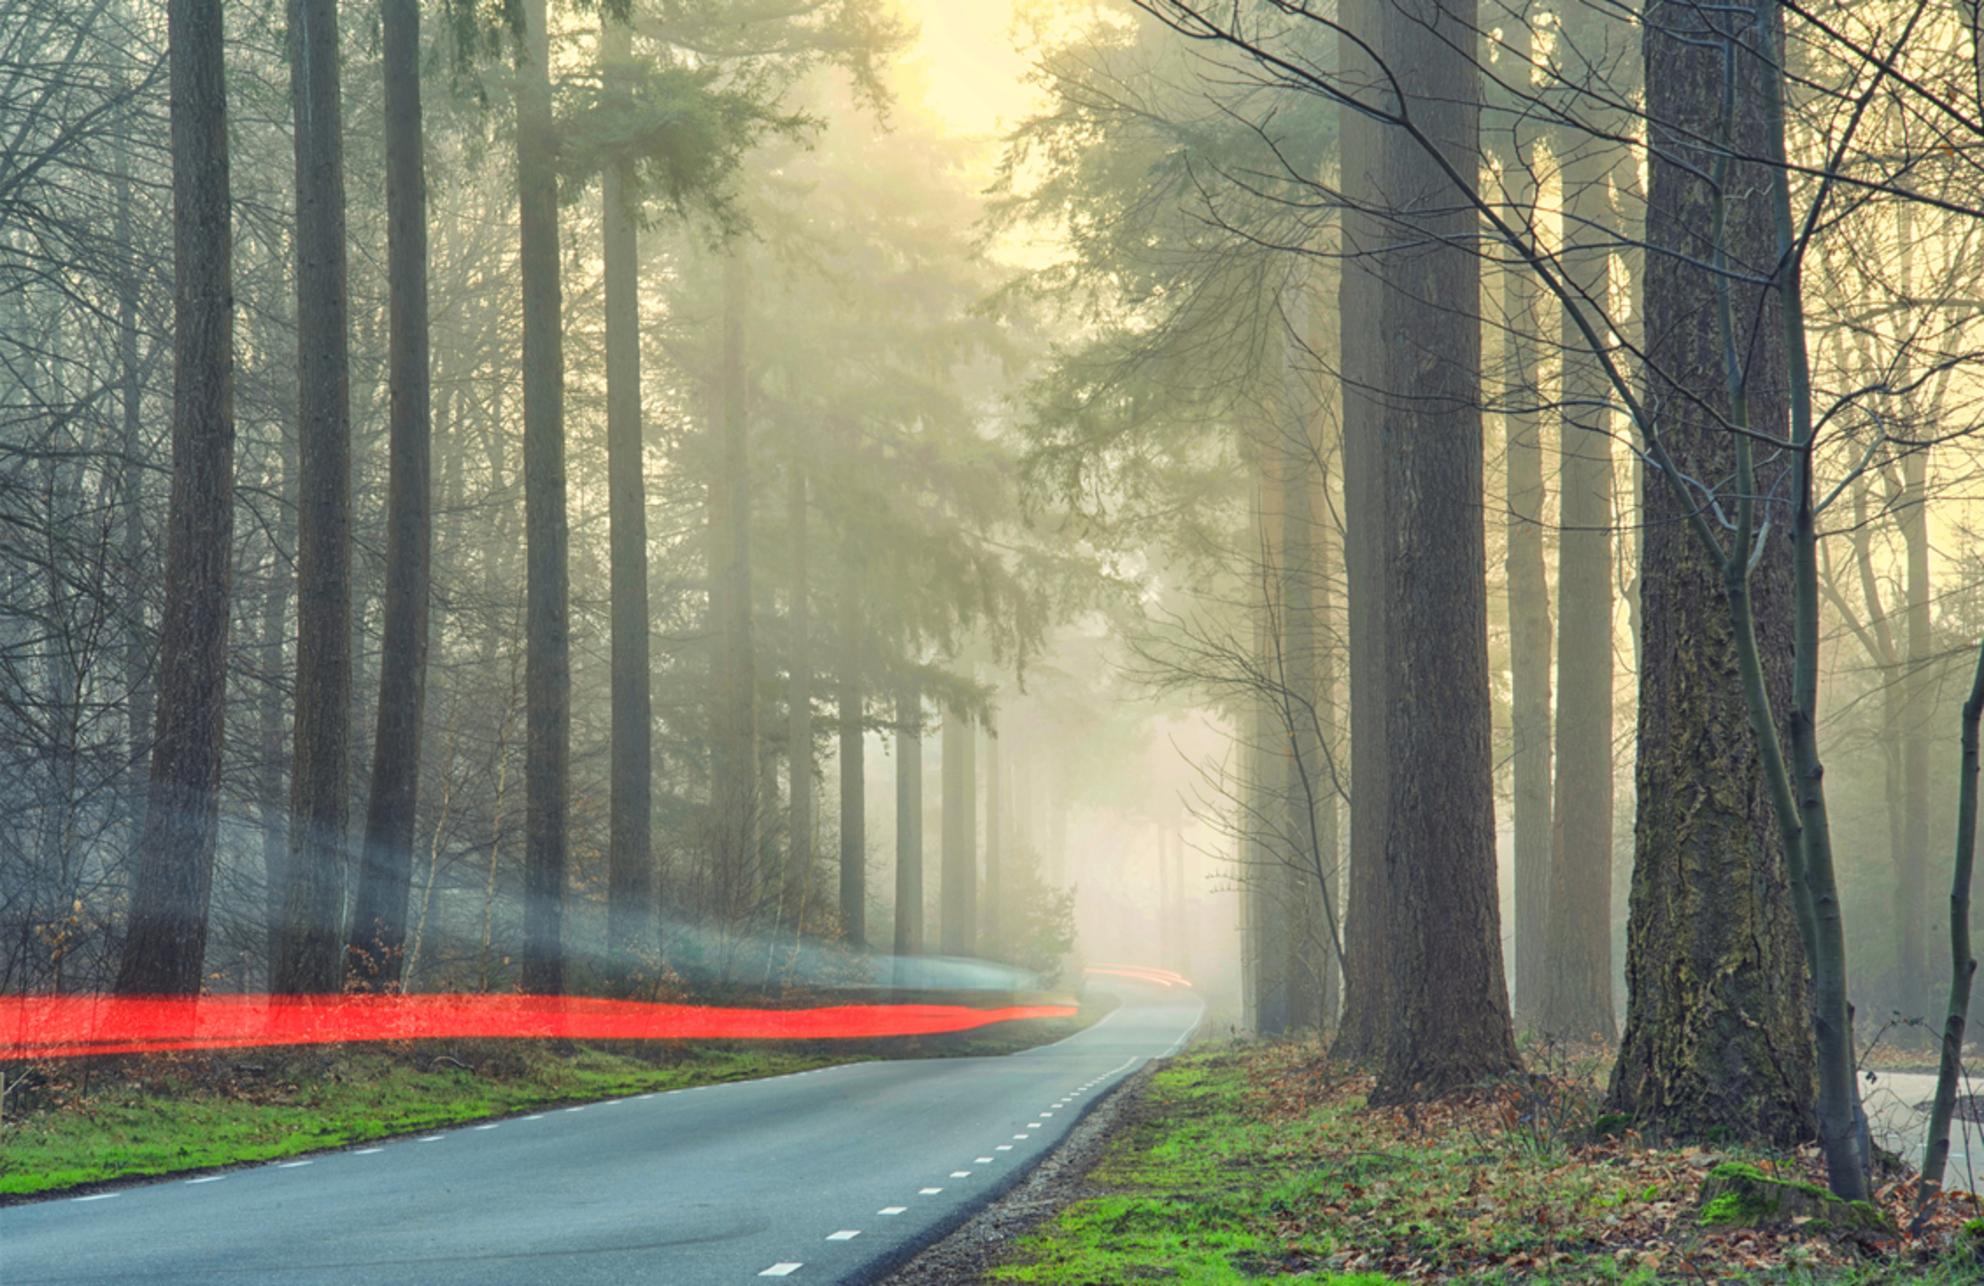 Foutje bedankt - Geheel per ongeluk kwamen deze autolichten in de deze foto. Misschien was de foto te saai zonder de rode swoosh. a Happy little accident zoals Bob zo - foto door pslagmolen op 28-02-2021 - deze foto bevat: rood, panorama, natuur, veluwe, licht, landschap, mist, bos, auto, zonsopkomst, bomen, nederland, speulderbos, lange sluitertijd - Deze foto mag gebruikt worden in een Zoom.nl publicatie